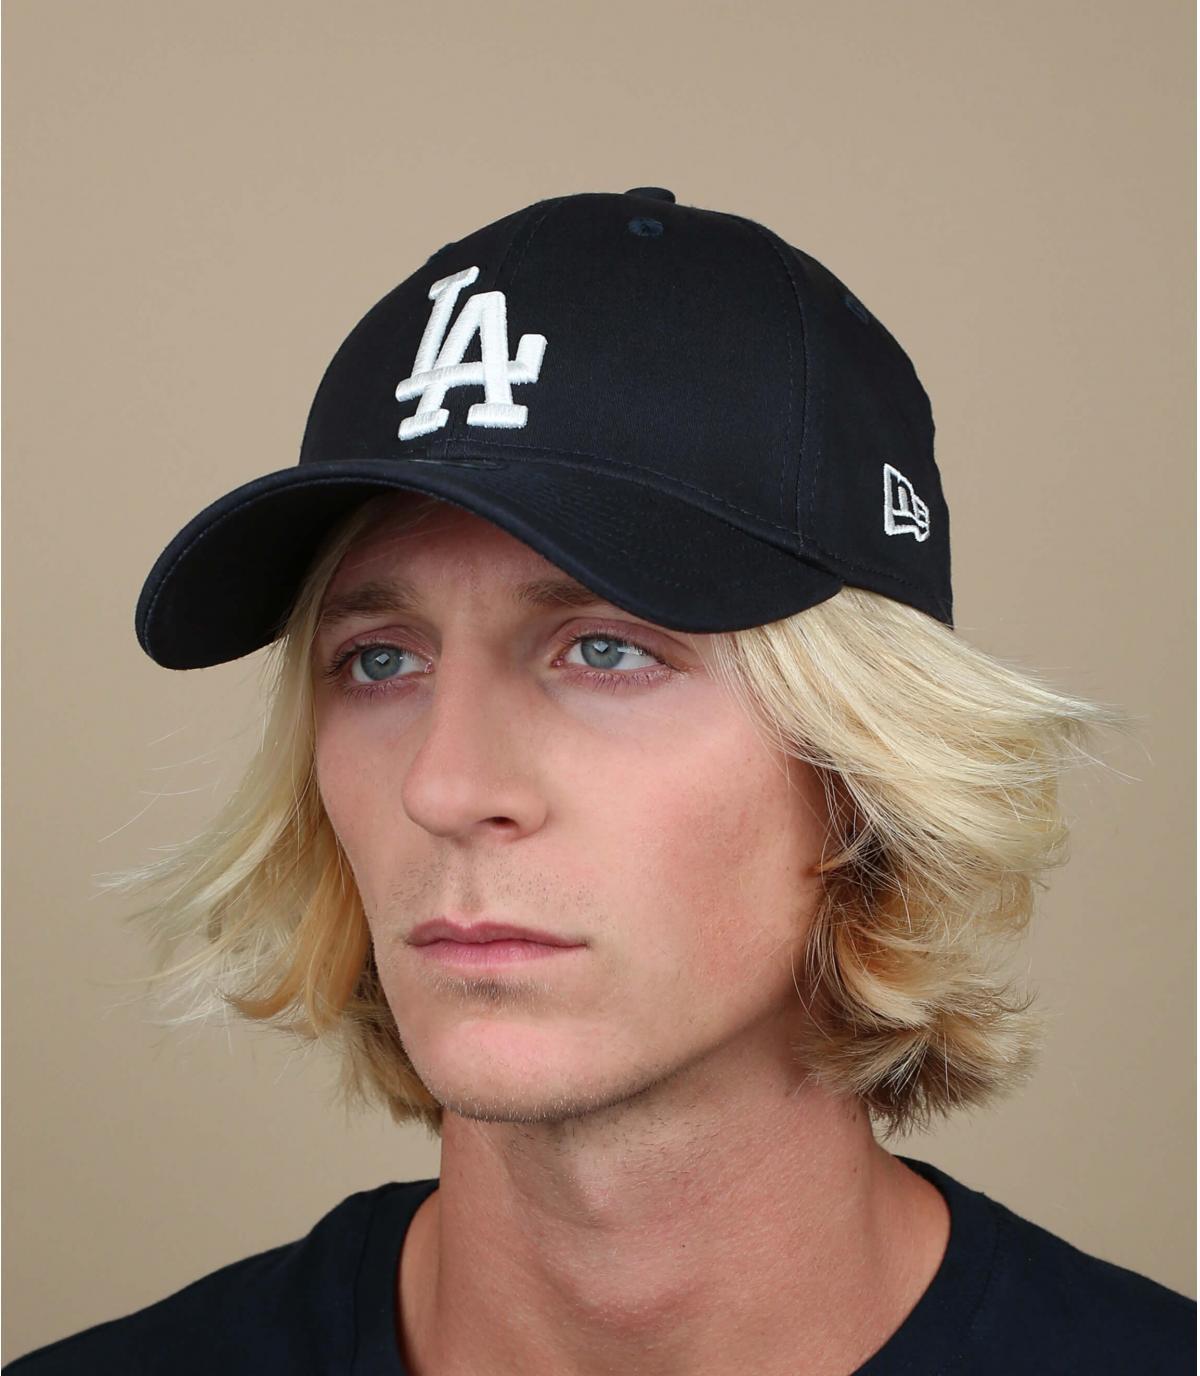 Blau LA trucker cap